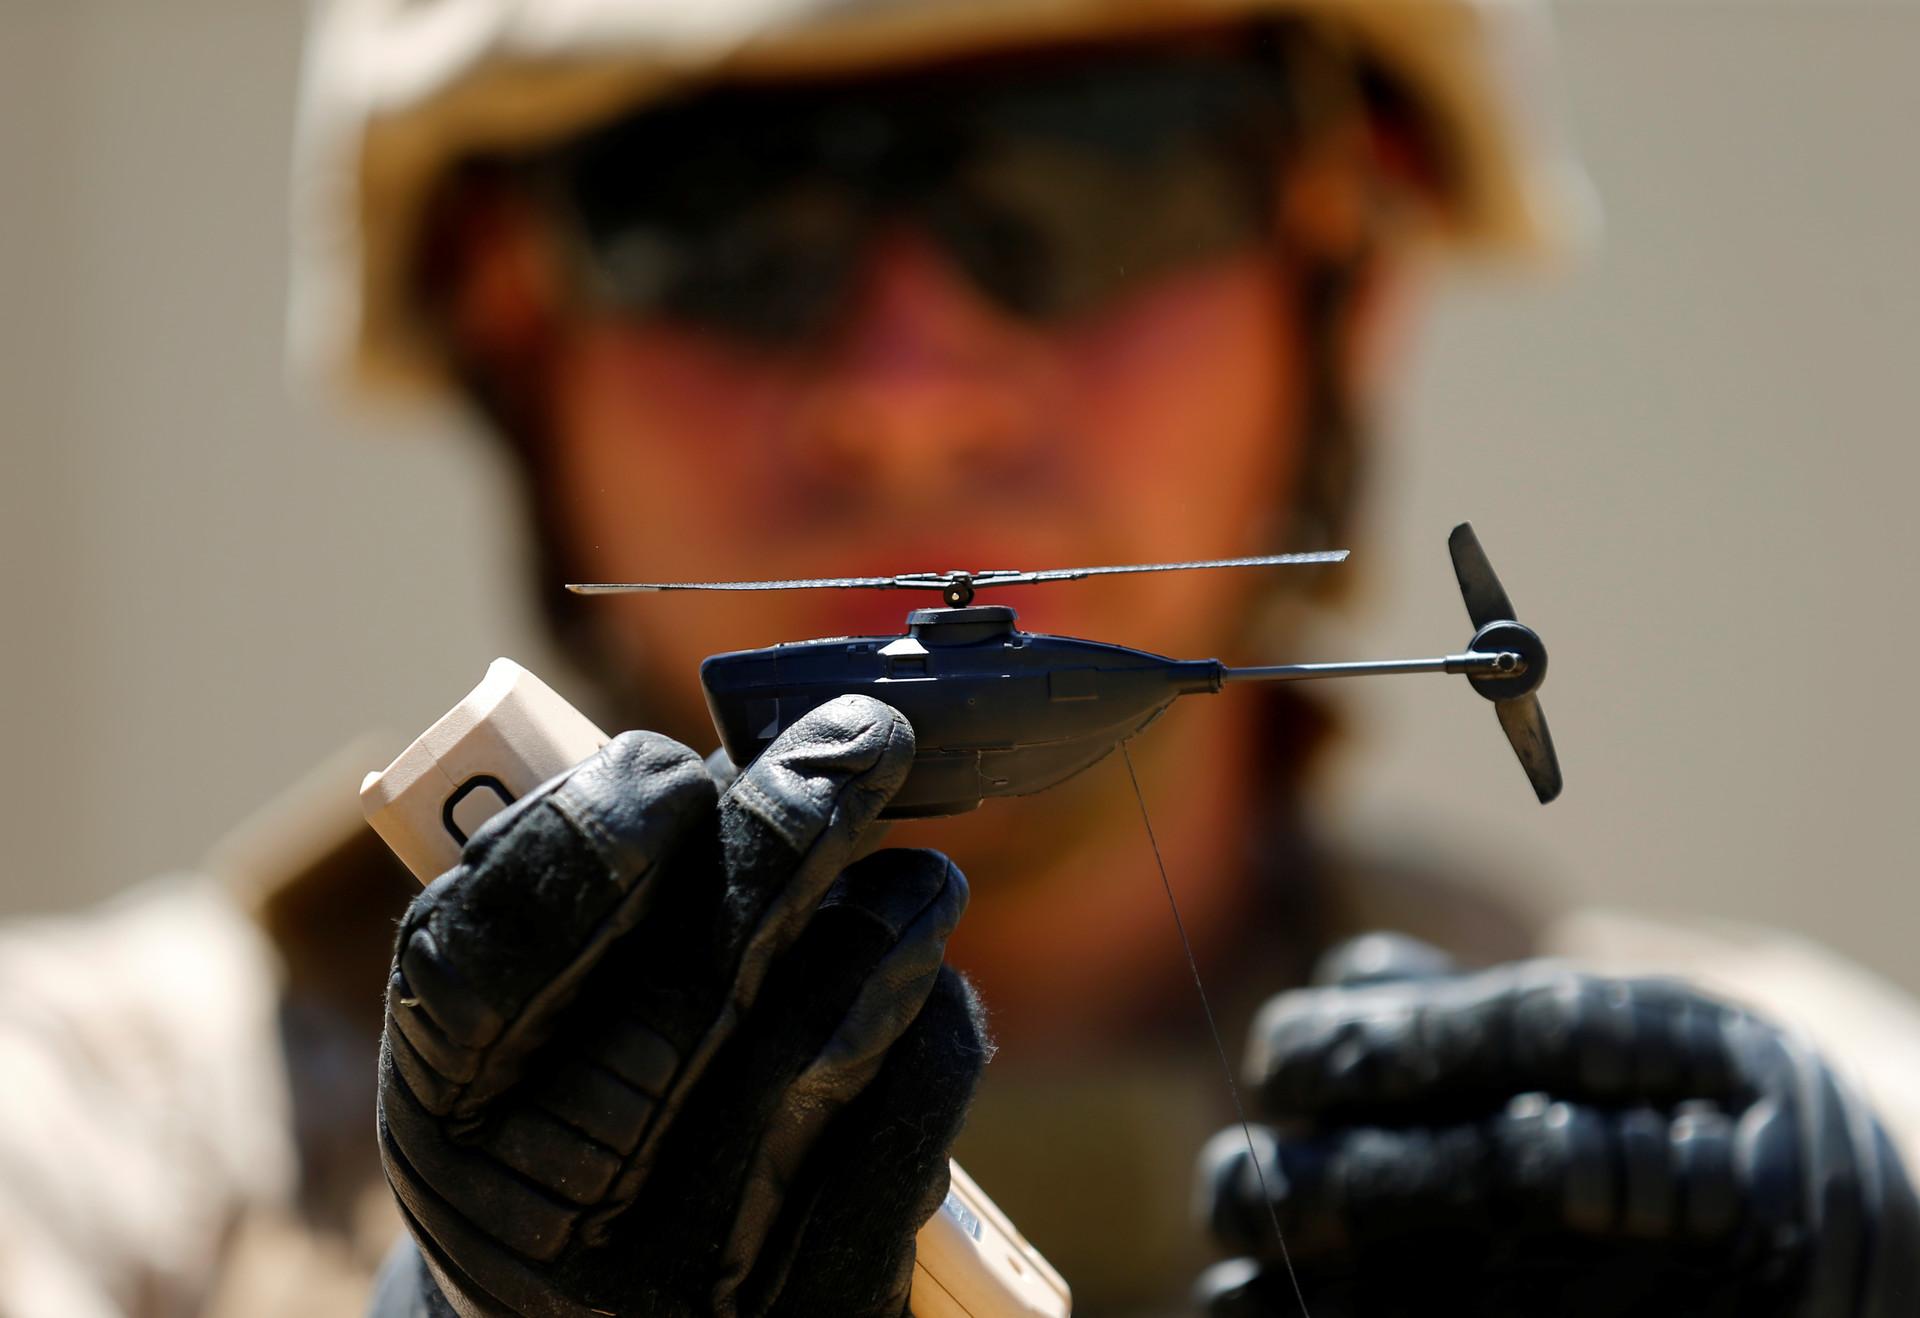 Sistema aéreo no tripulado PD-100 Black Hornet Nano